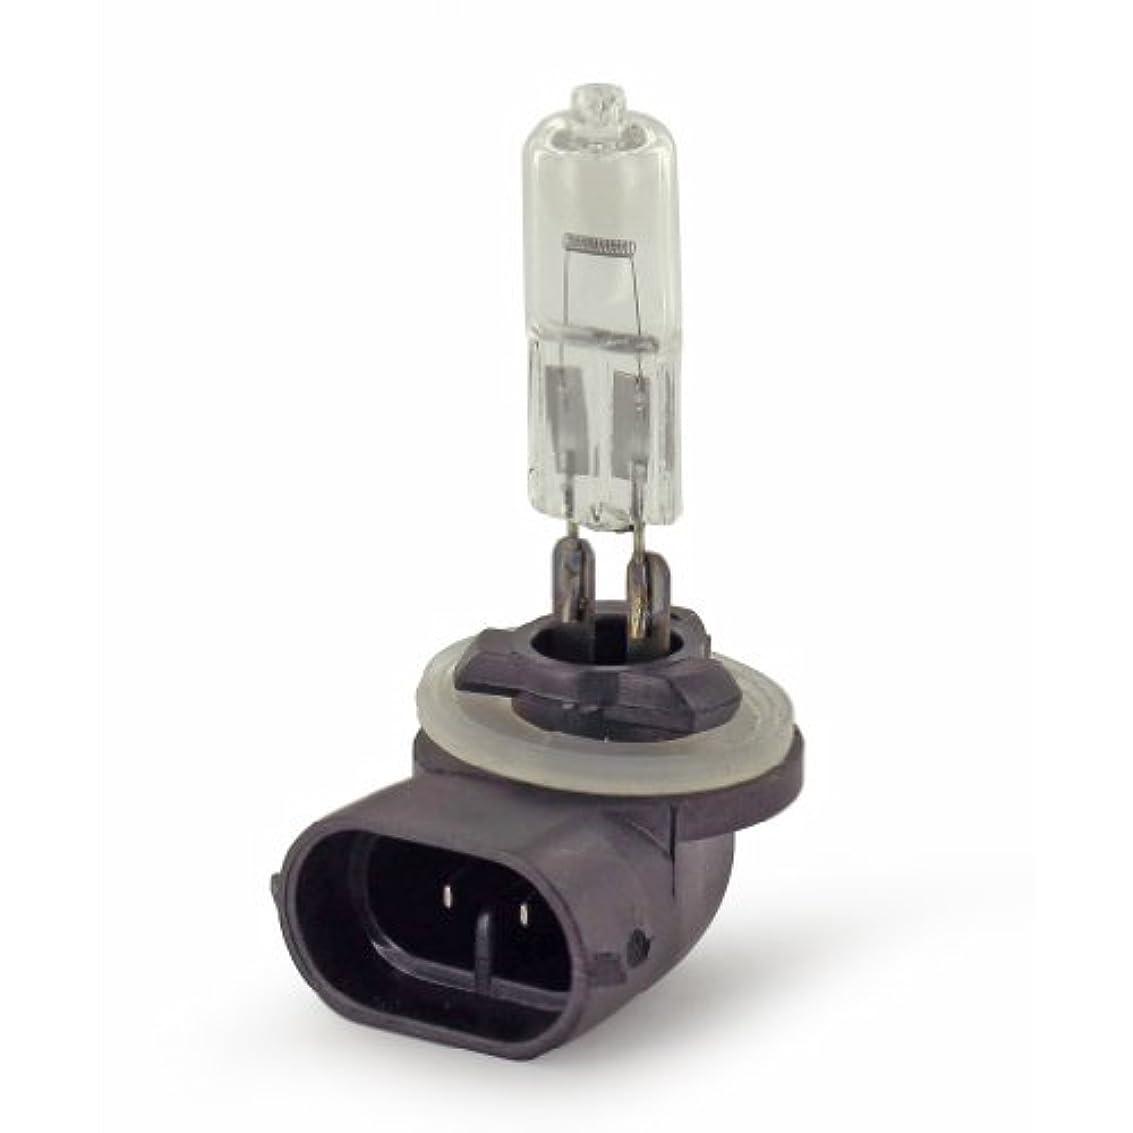 抜粋疲労ずらすIntella 1062038 GE 894 Bulb, 12.8V, 38W by Intella Liftparts Inc.